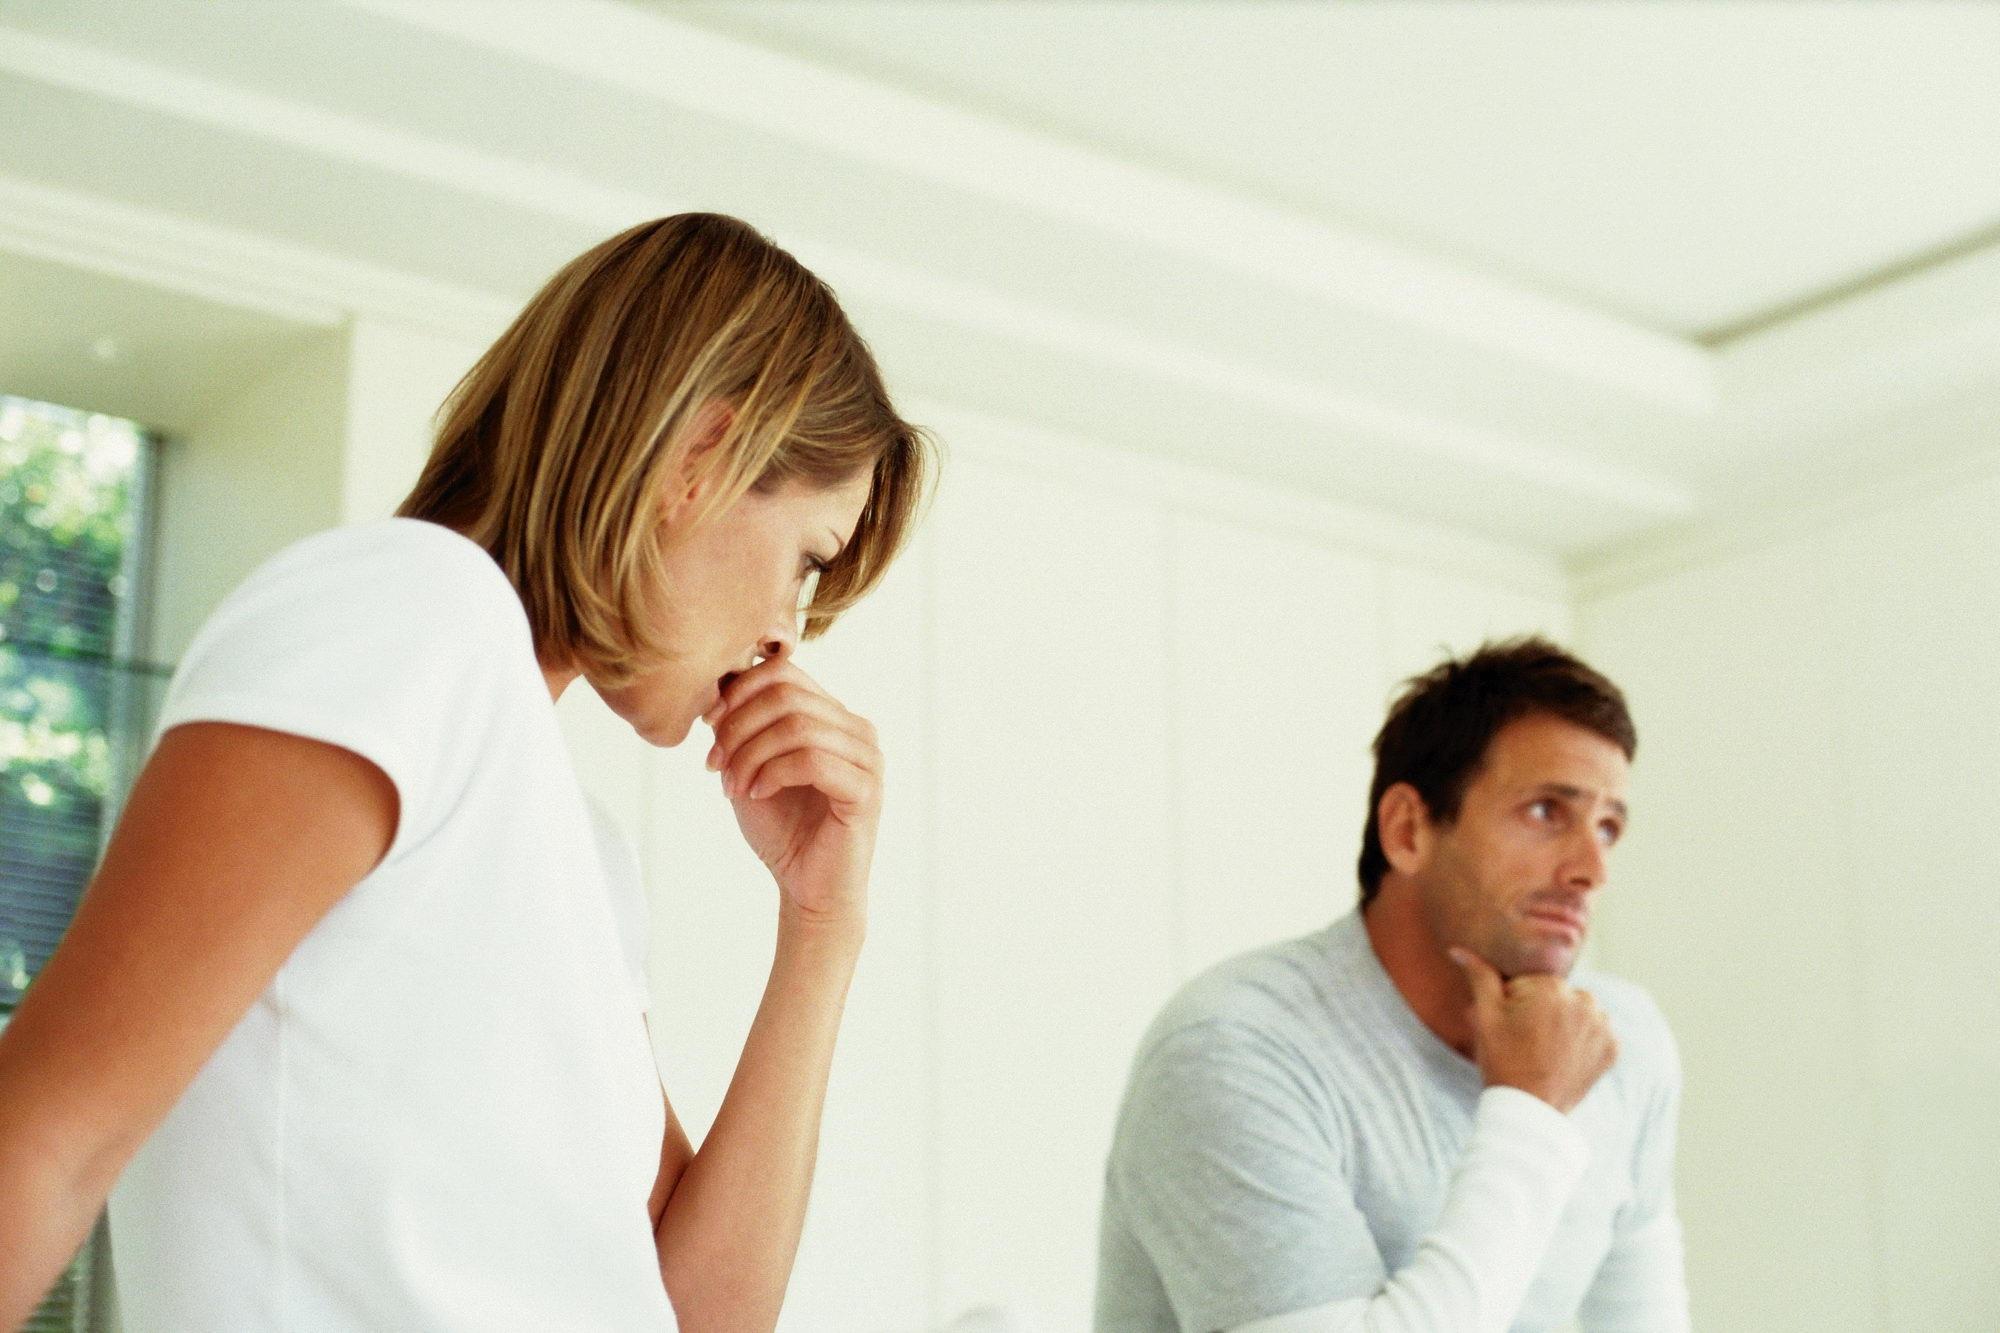 боюсь остаться одной после развода что делать купить двухкомнатную